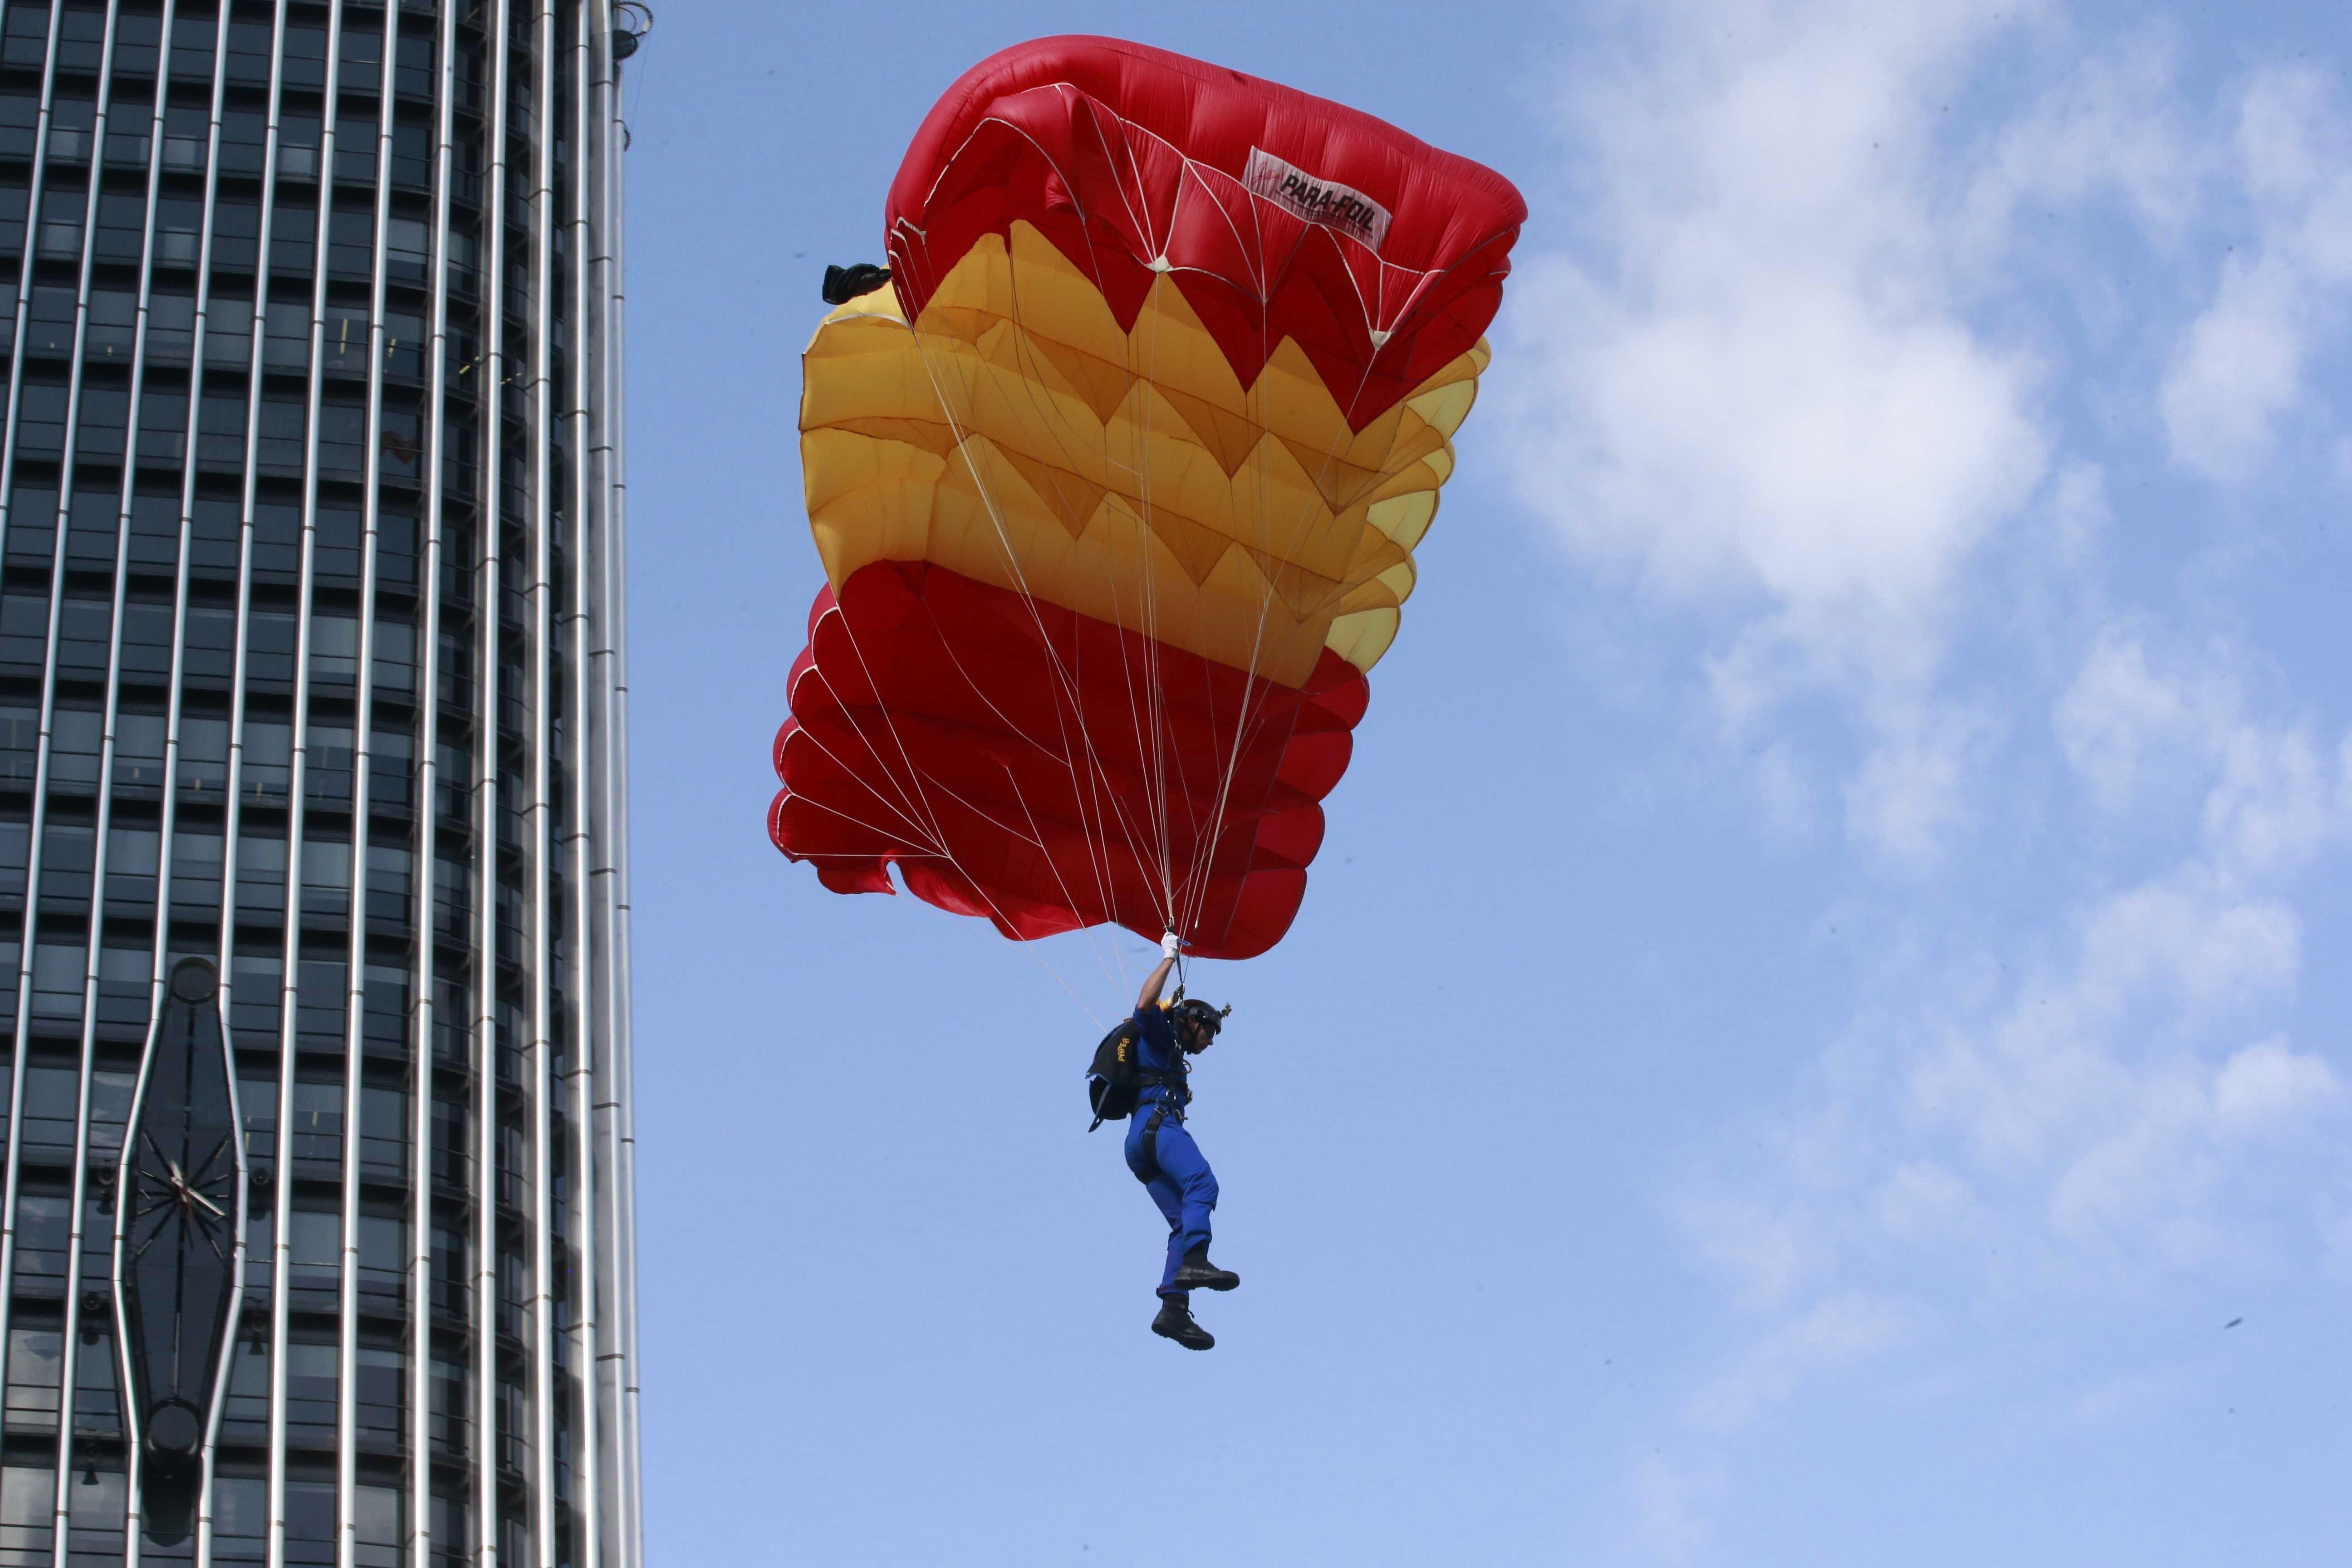 Un paracaigudista descendeix fins a l'asfalt del Passeig de la Castellana a l'inici de la desfilada del Dia de la Festa Nacional./Zipi